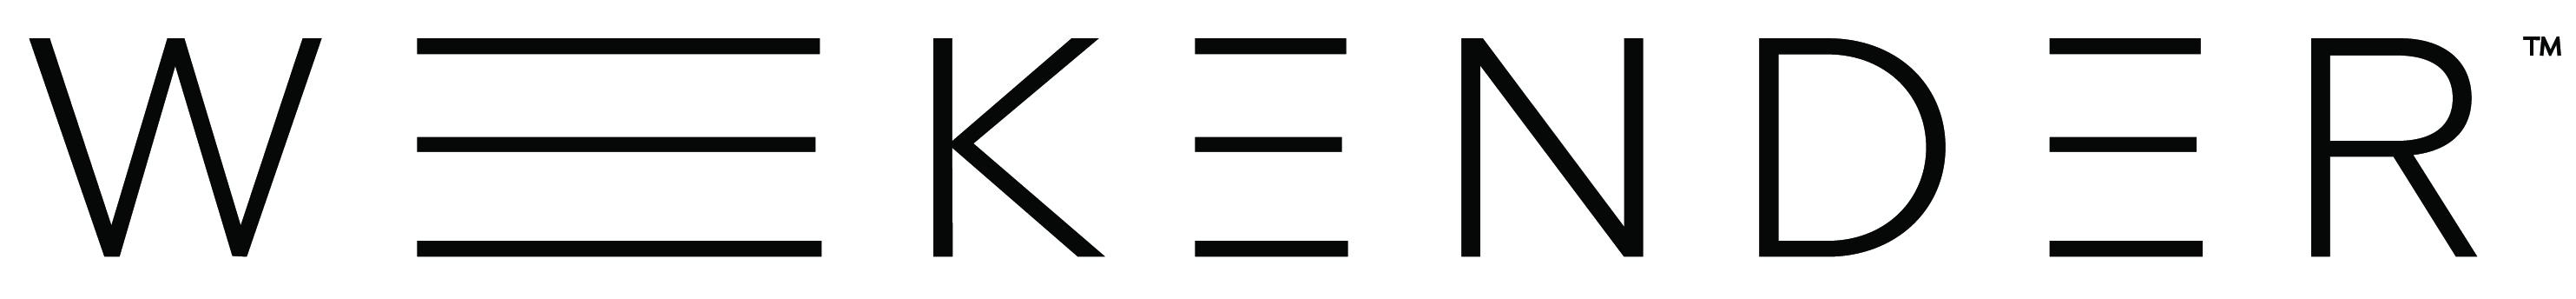 weekender-logo-black-02.jpg